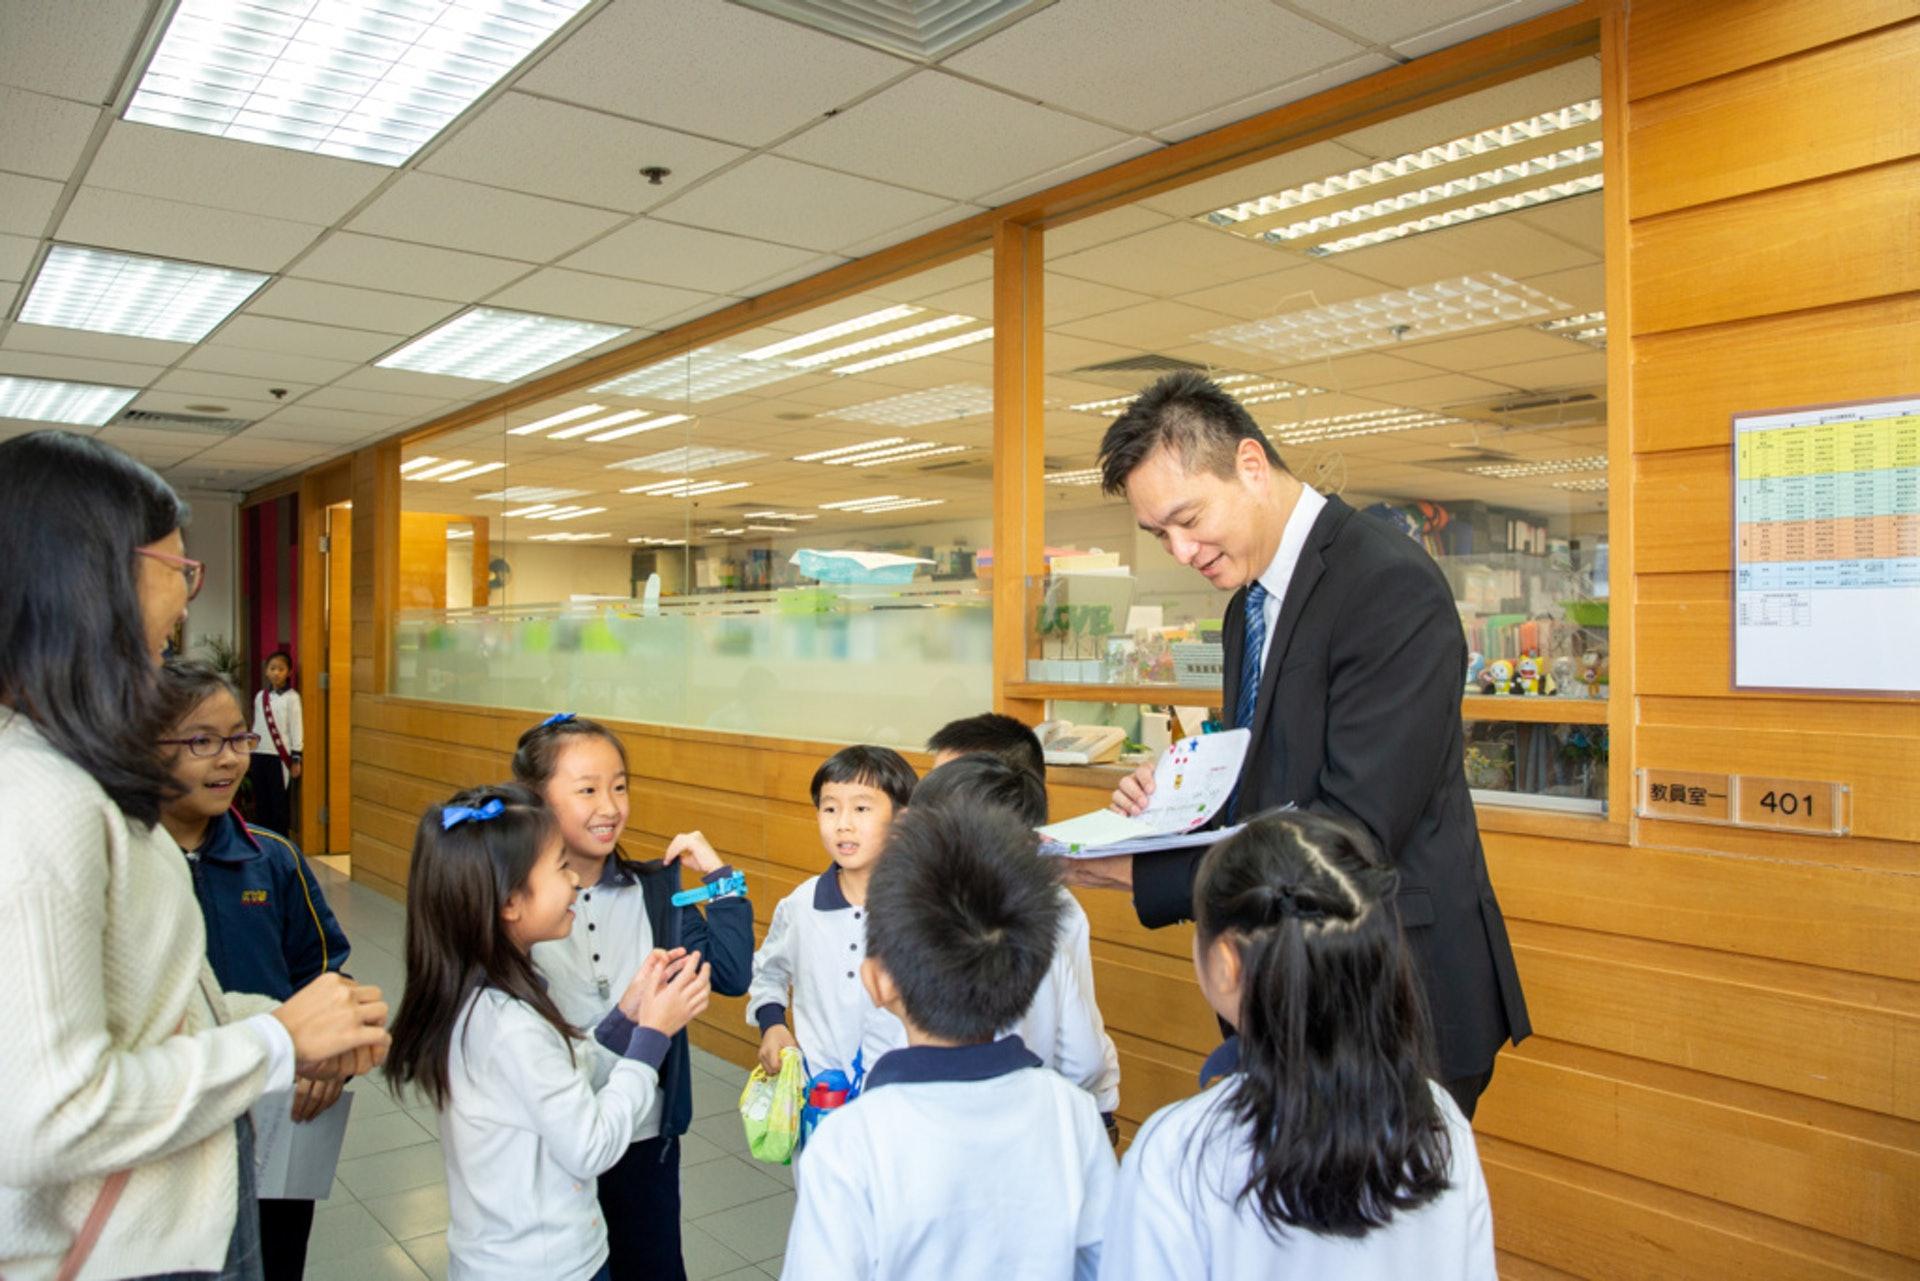 林校長收到學生給他的一疊信。